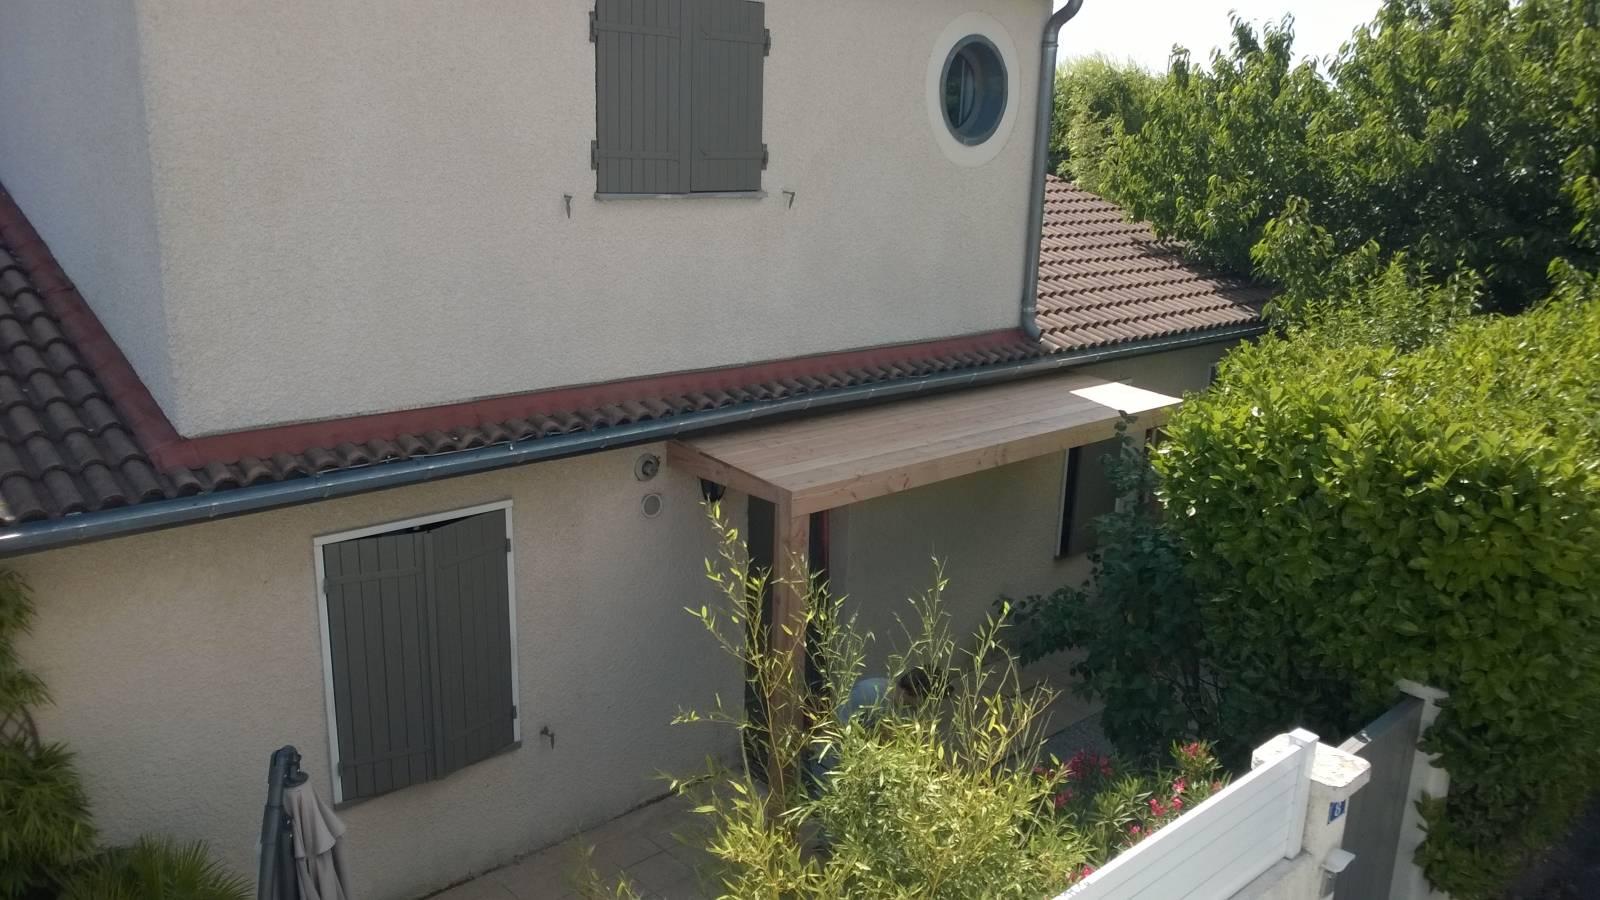 Auvent maison moderne avant porte auvent pour votre for Auvent maison permanent